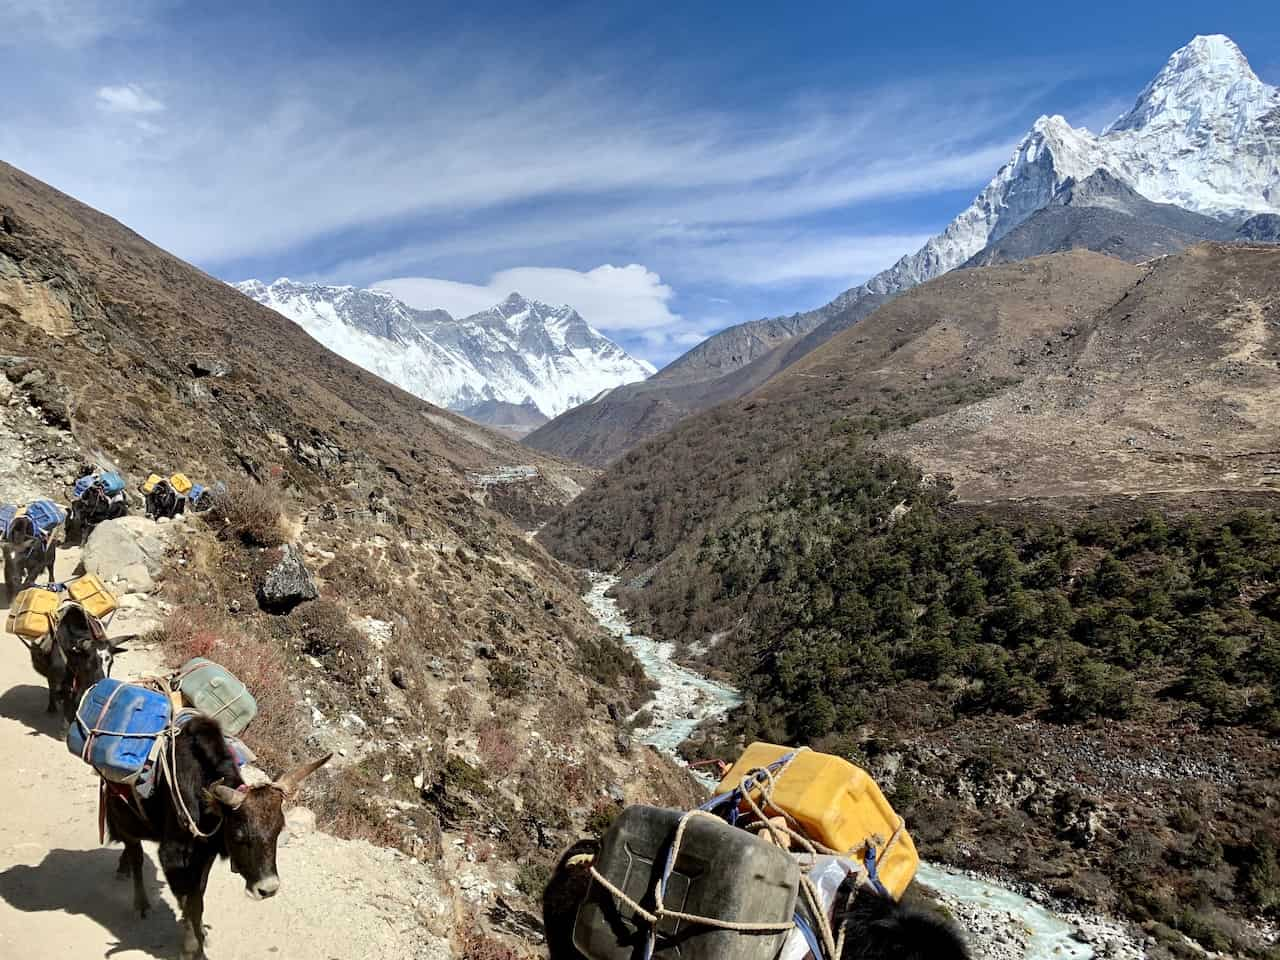 Tengboche Hiking Trail